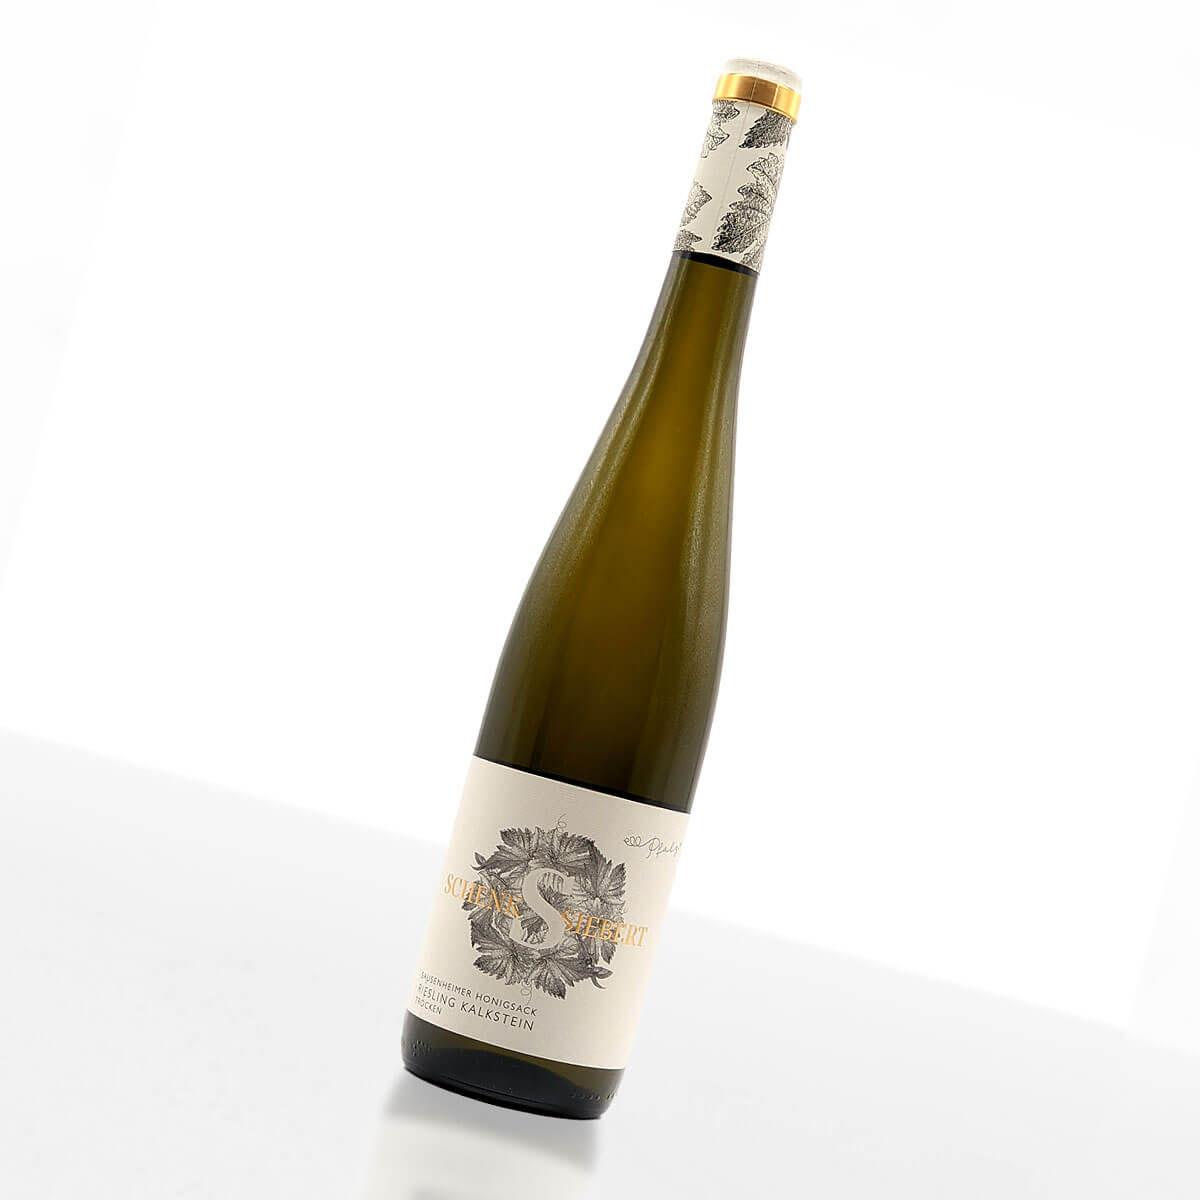 2018 Sausenheimer Honigsack - Riesling Kalkstein trocken • Weingut Schenk-Siebert